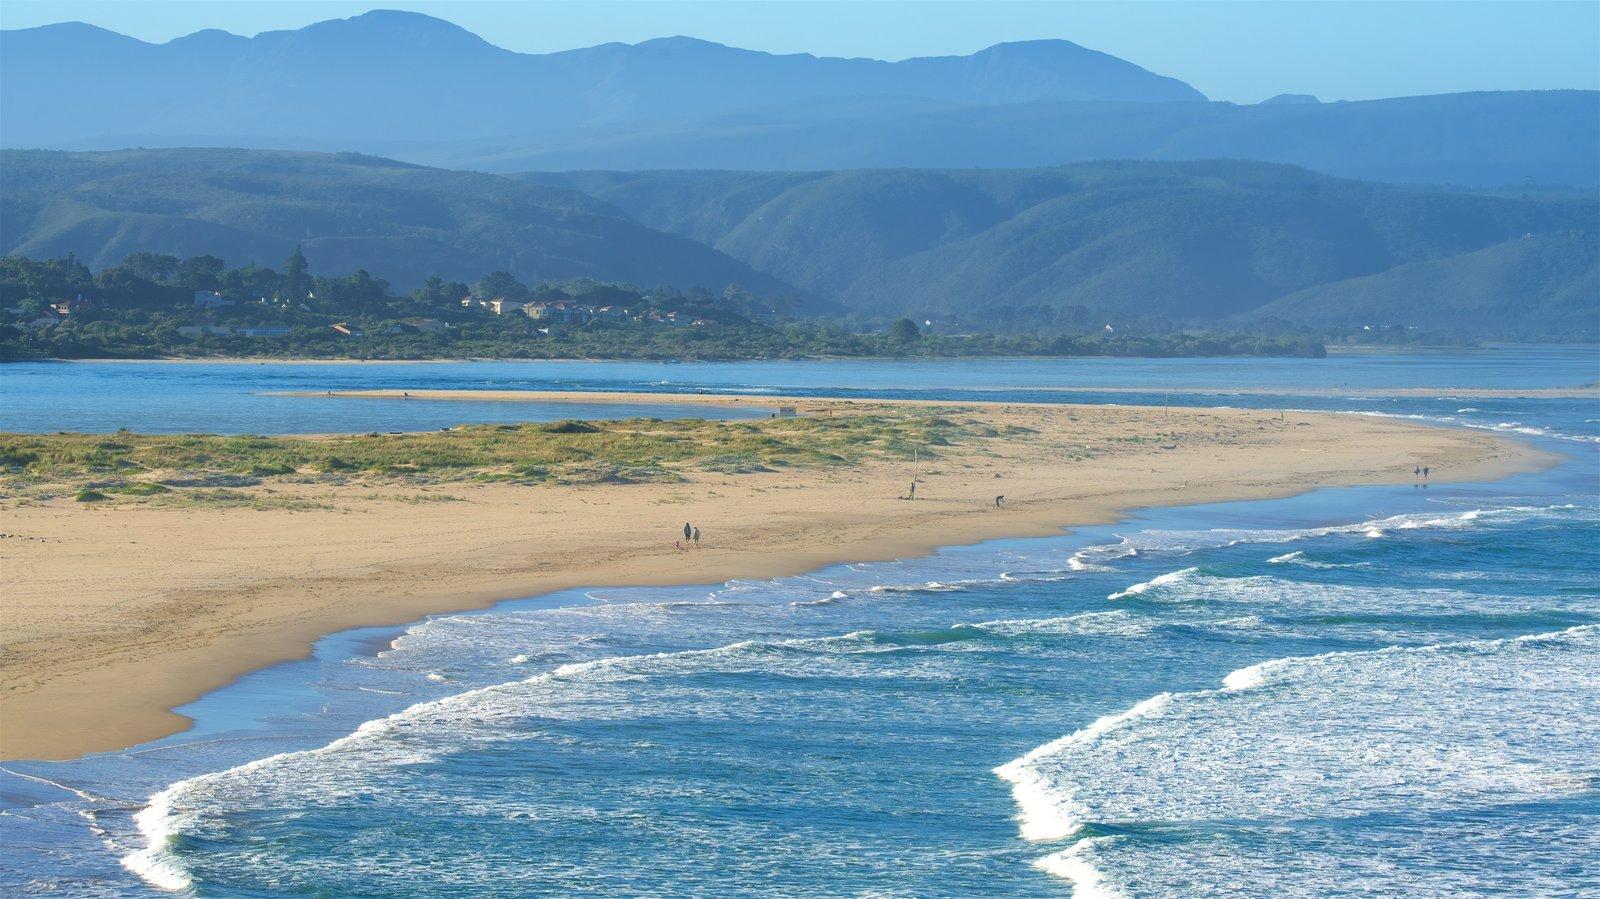 Plettenberg Bay que incluye una playa de arena, vistas generales de la costa y escenas tranquilas